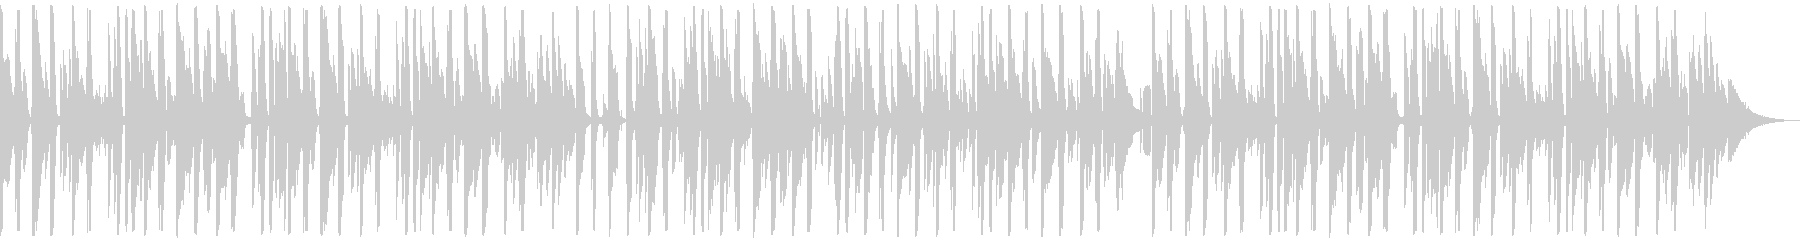 お洒落でかっこいいピアノのジャズファンクの未再生の波形